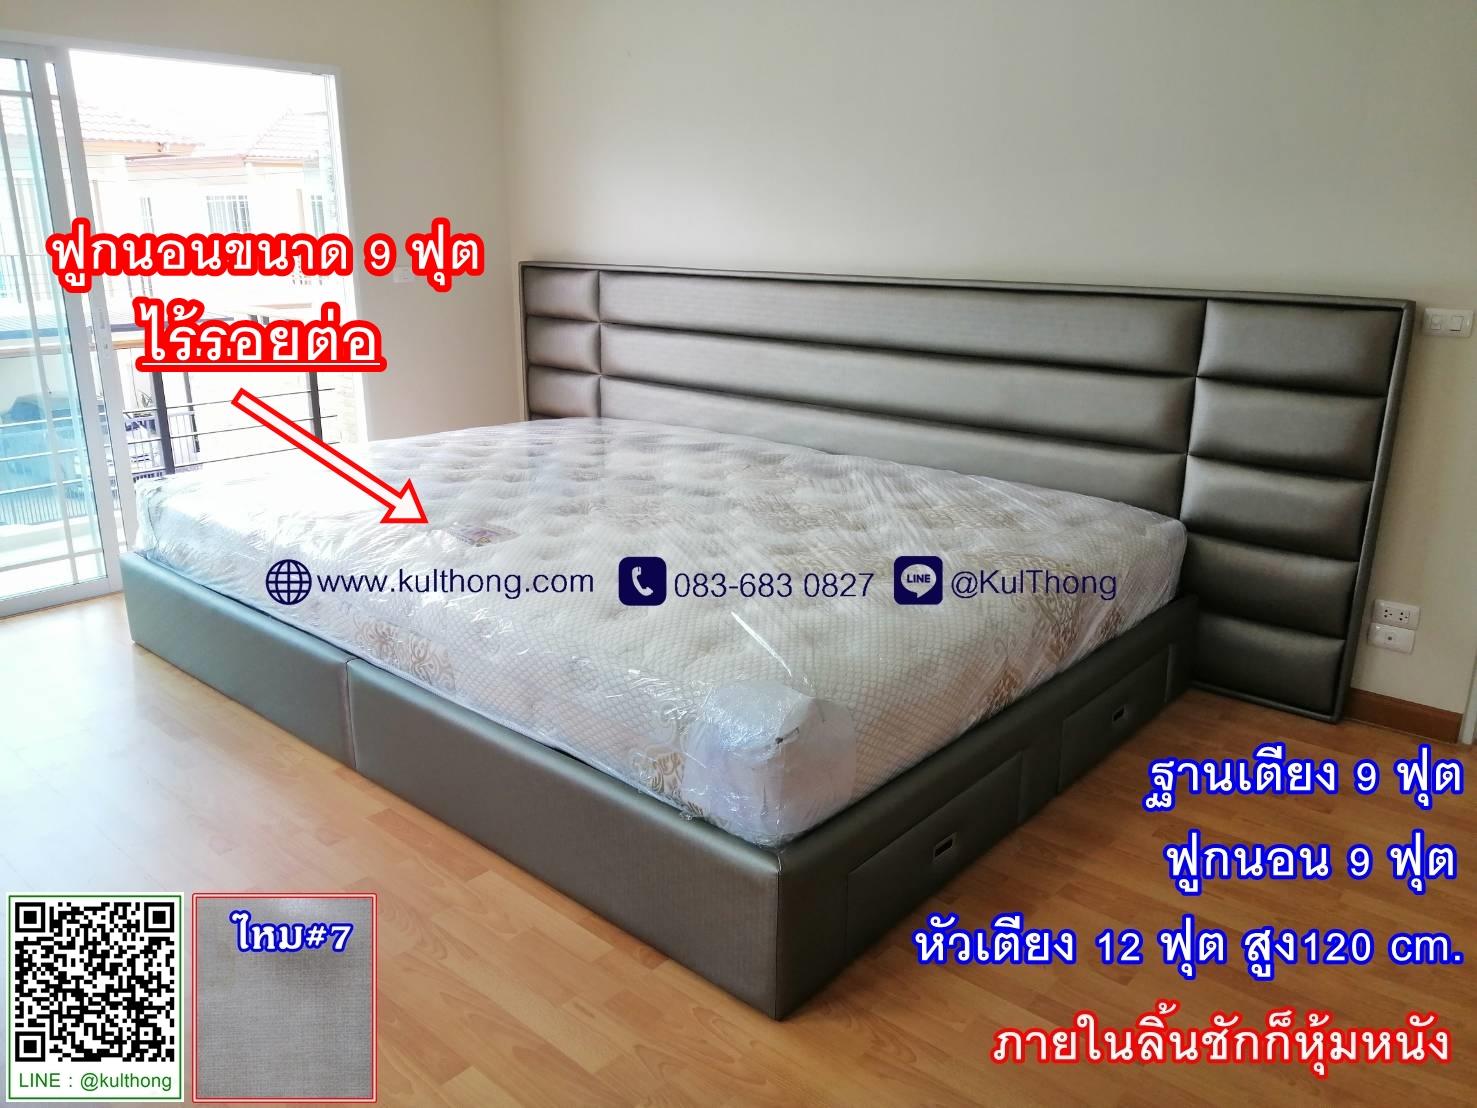 เตียงขนาดใหญ่ บุผนังหัวเตียง หัวเตียงหุ้มหนัง